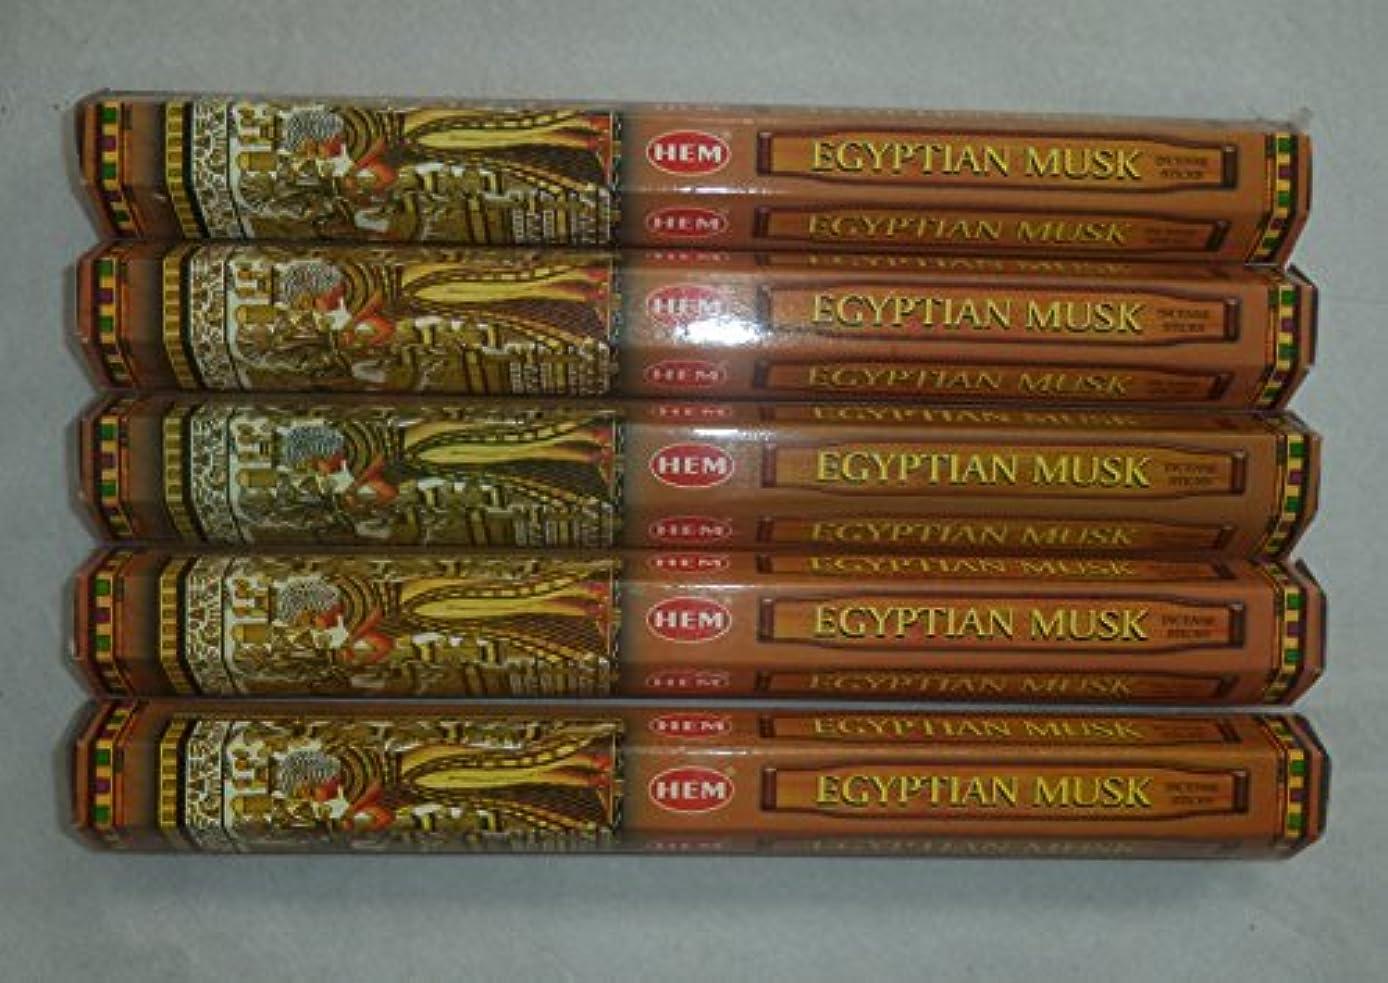 受け入れた換気する襟Hem Egyptian Musk Incense Sticks 5六角チューブ、合計100 Sticks